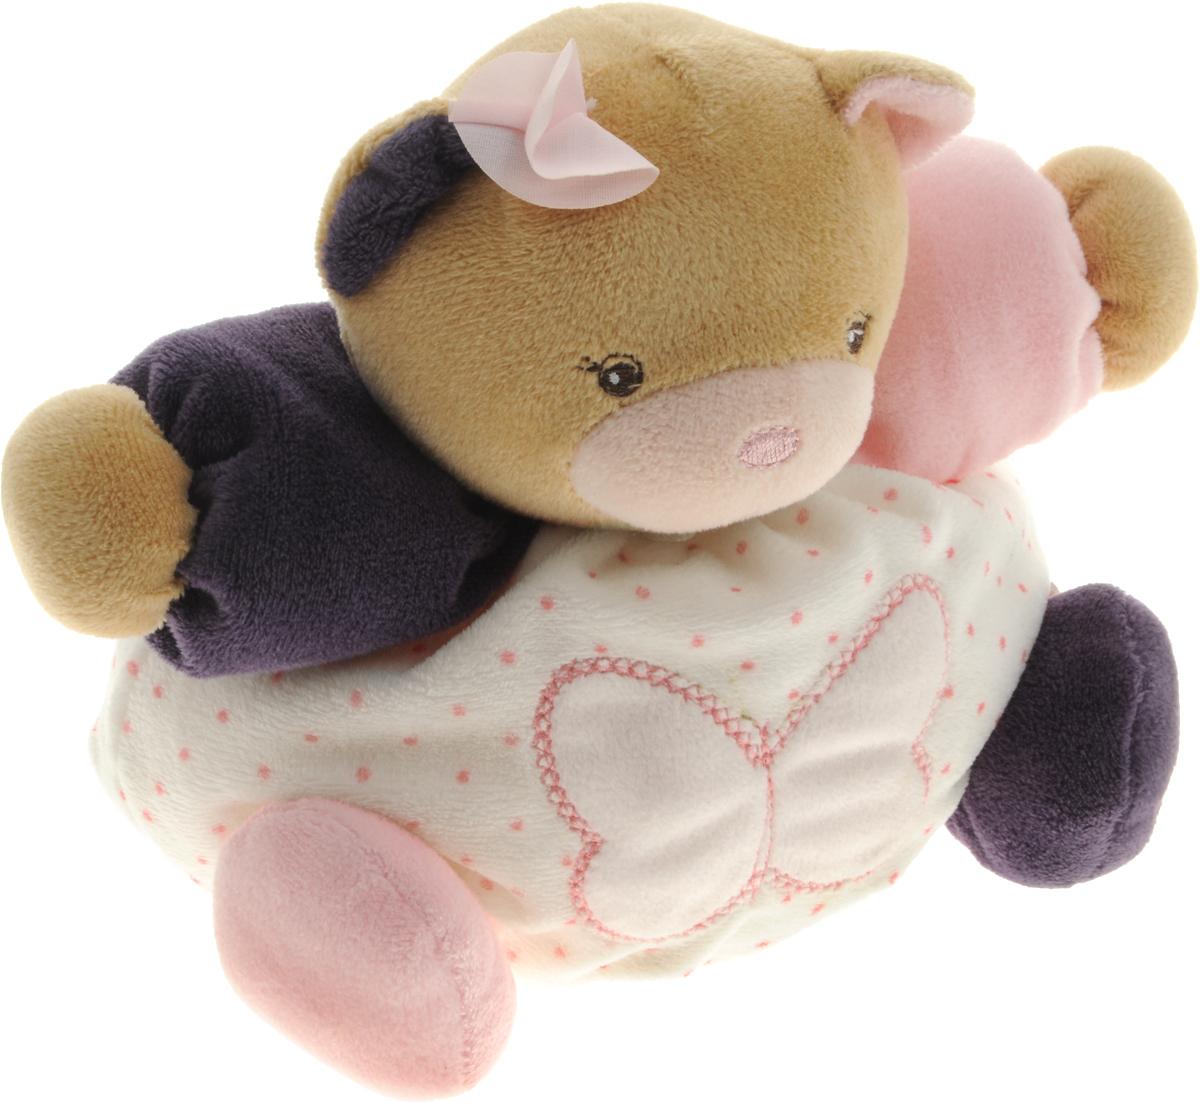 Kaloo Мягкая игрушка Мишка цвет светло-розовый фиолетовый 16 смK969862Мягкая игрушка Kaloo Мишка надолго станет постоянным спутником малыша и его любимой игрушкой. Изделие выполнено из мягкого материала различных цветов и видов, что будет способствовать развитию тактильных ощущений ребенка и цветового восприятия. На левой лапке у мишки вышит логотип бренда, животик украшен аппликацией с бабочкой. Игры с мягкими игрушками развивают тактильную чувствительность и сенсорное восприятие. После стирки изделие не деформируется и не меняет внешний вид. Все игрушки Kaloo прошли множественные тесты и соответствуют мировым стандартам безопасности. Именно поэтому игрушки рекомендованы для детей с рождения, что отличает их от большинства производителей мягких игрушек. Дизайнеры Kaloo продумывают и придают значение каждому этапу в производстве игрушек, начиная от эскиза и заканчивая упаковкой готового изделия.